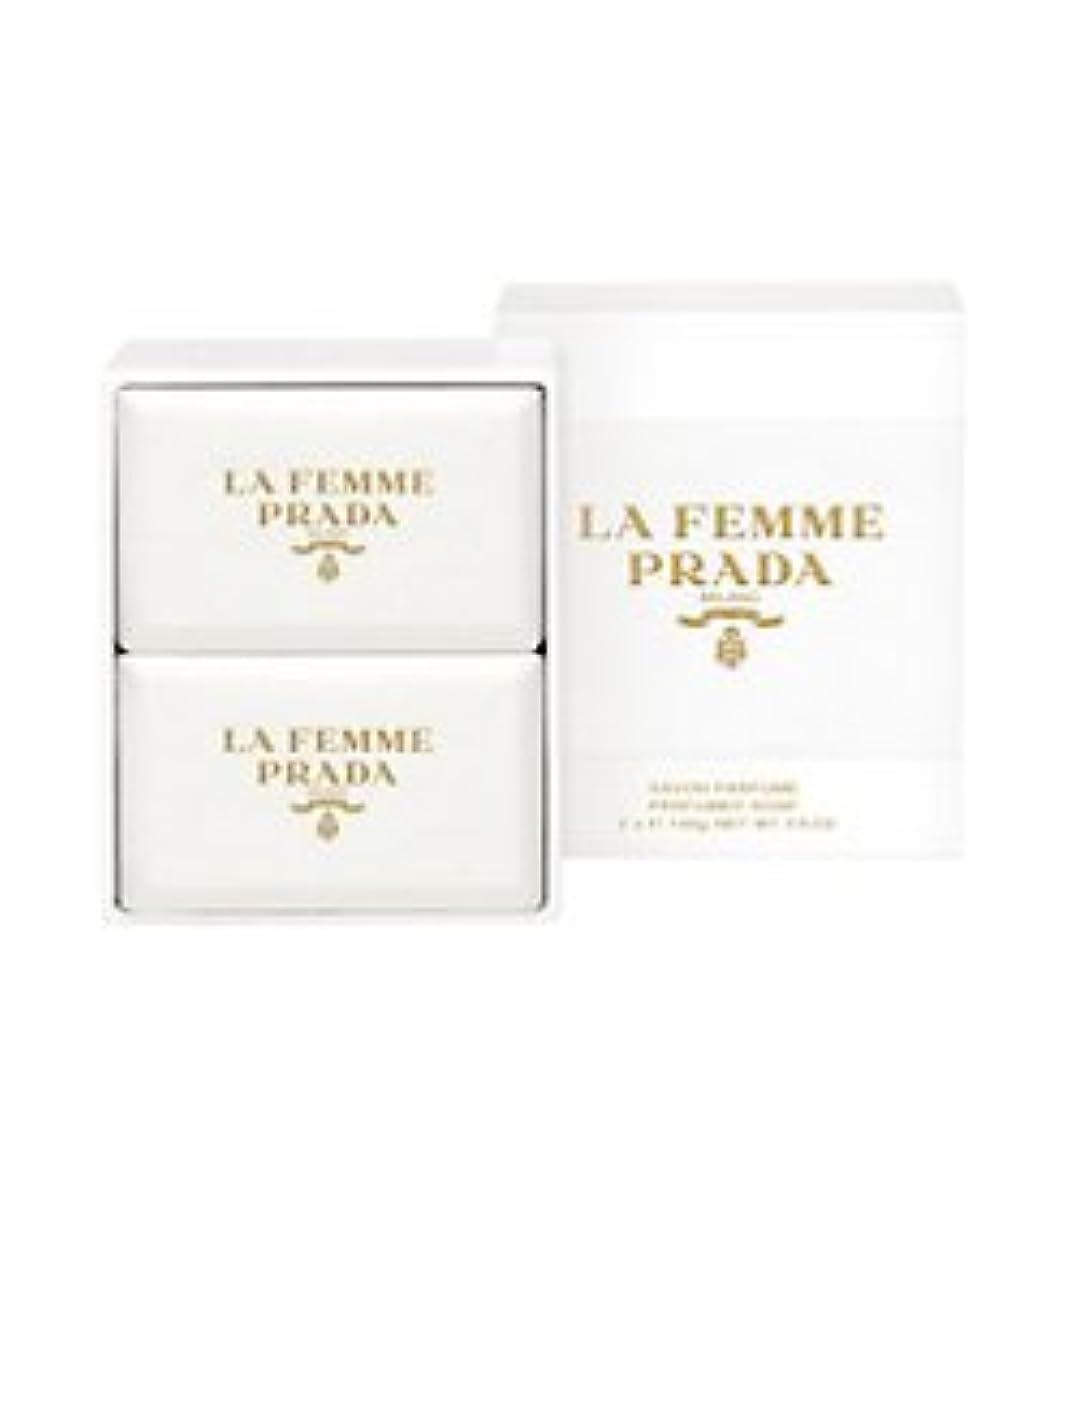 原子そこ星La Femme Prada (ラ フェム プラダ) 1.75 oz (52ml) Soap (石鹸) x 2個 for Women